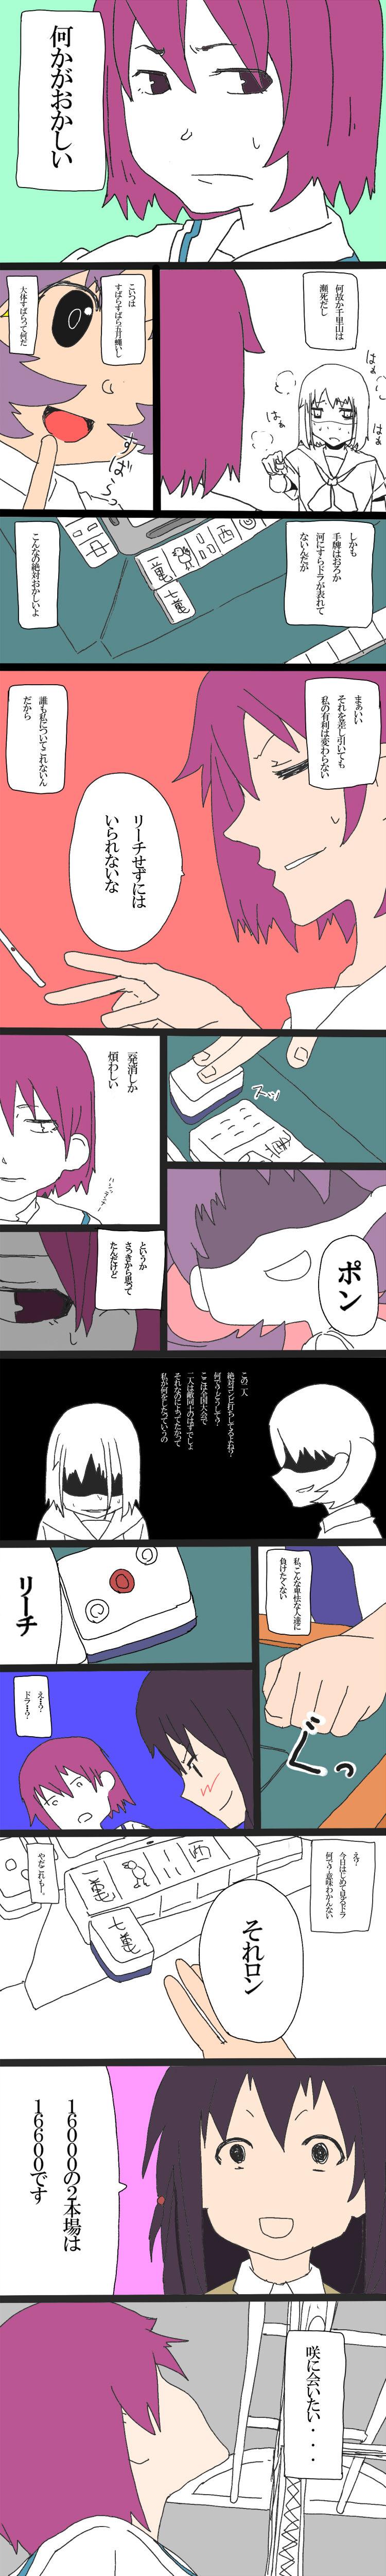 http://livedoor.blogimg.jp/an_soku/imgs/c/a/ca35a7bc.jpg